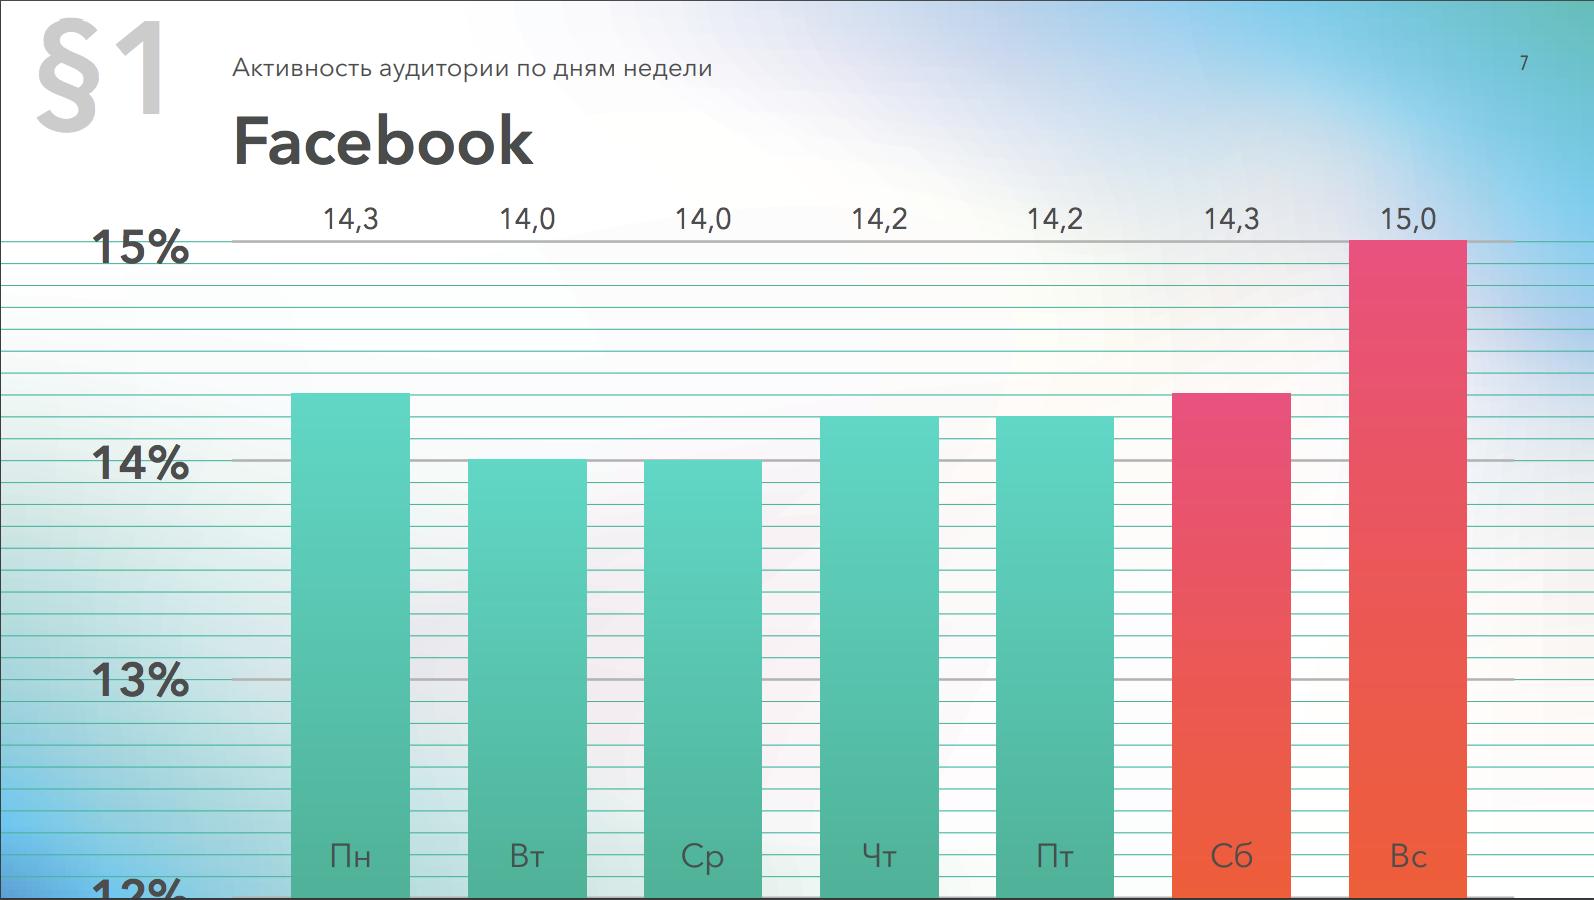 Относительная активность в Facebook по дням недели, данные за 2019 год